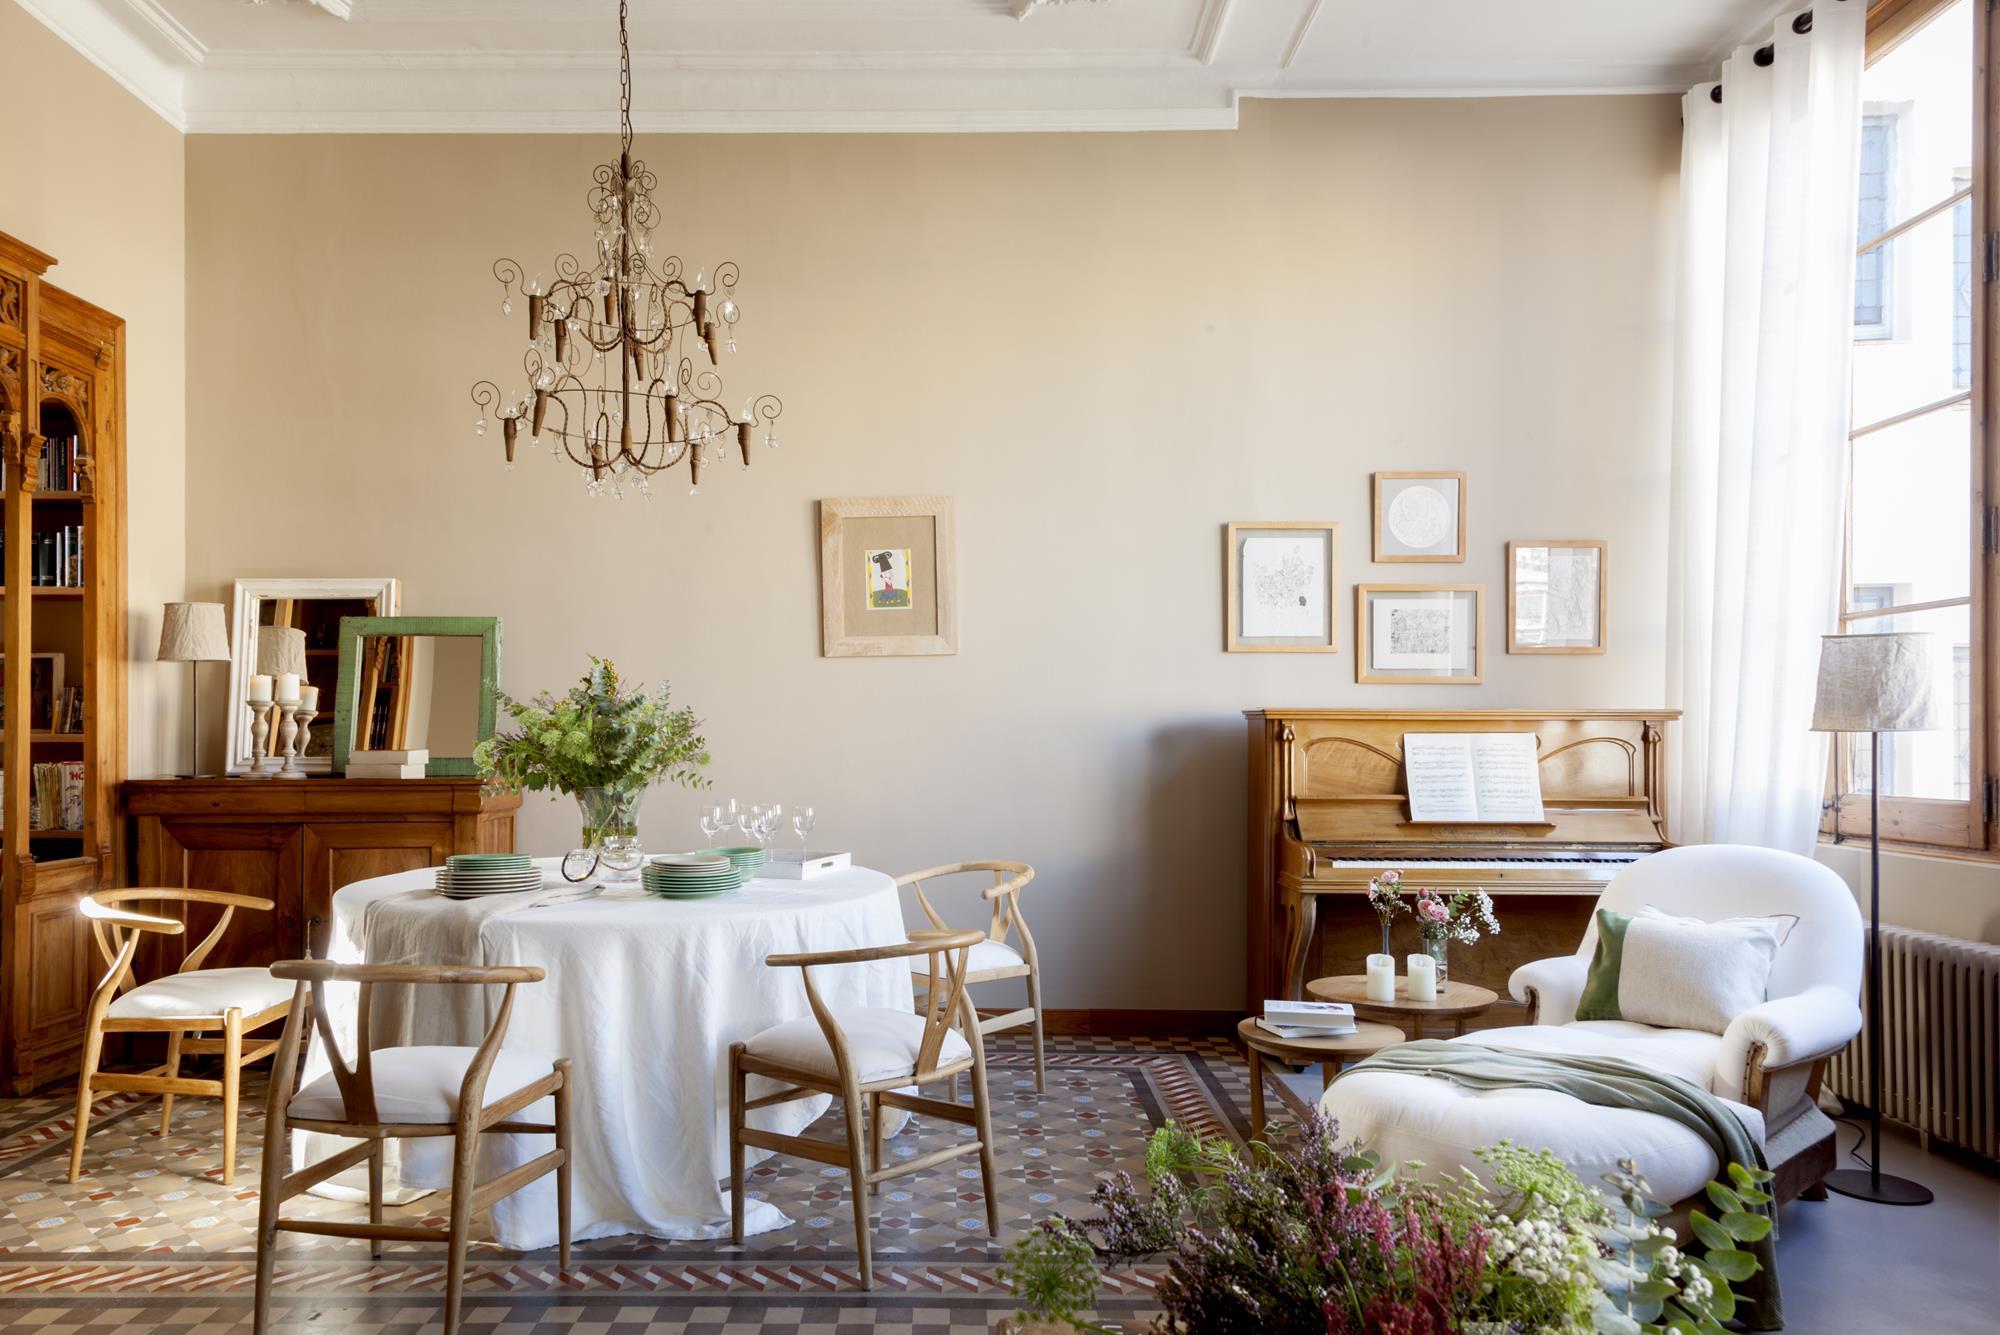 muebles refolio obtenga ideas dise o de muebles para su